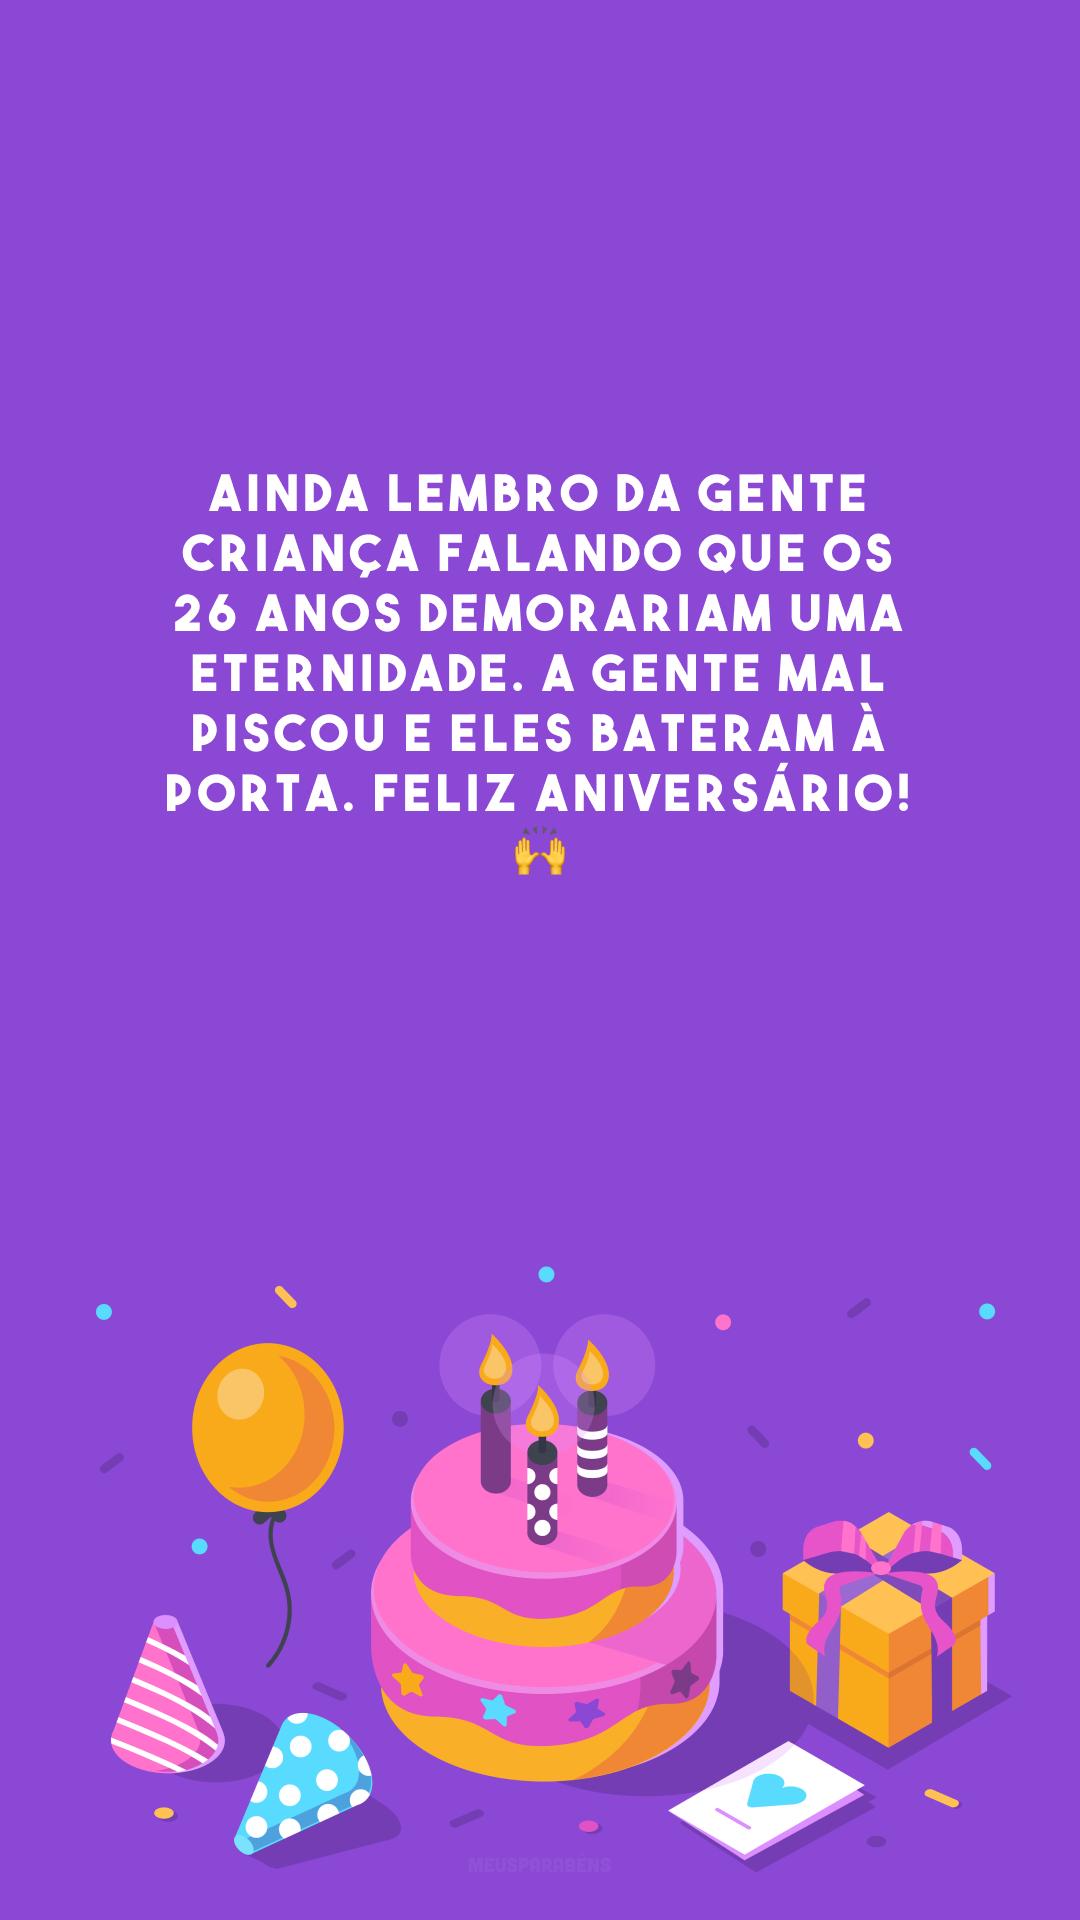 Ainda lembro da gente criança falando que os 26 anos demorariam uma eternidade. A gente mal piscou e eles bateram à porta. Feliz aniversário! 🙌